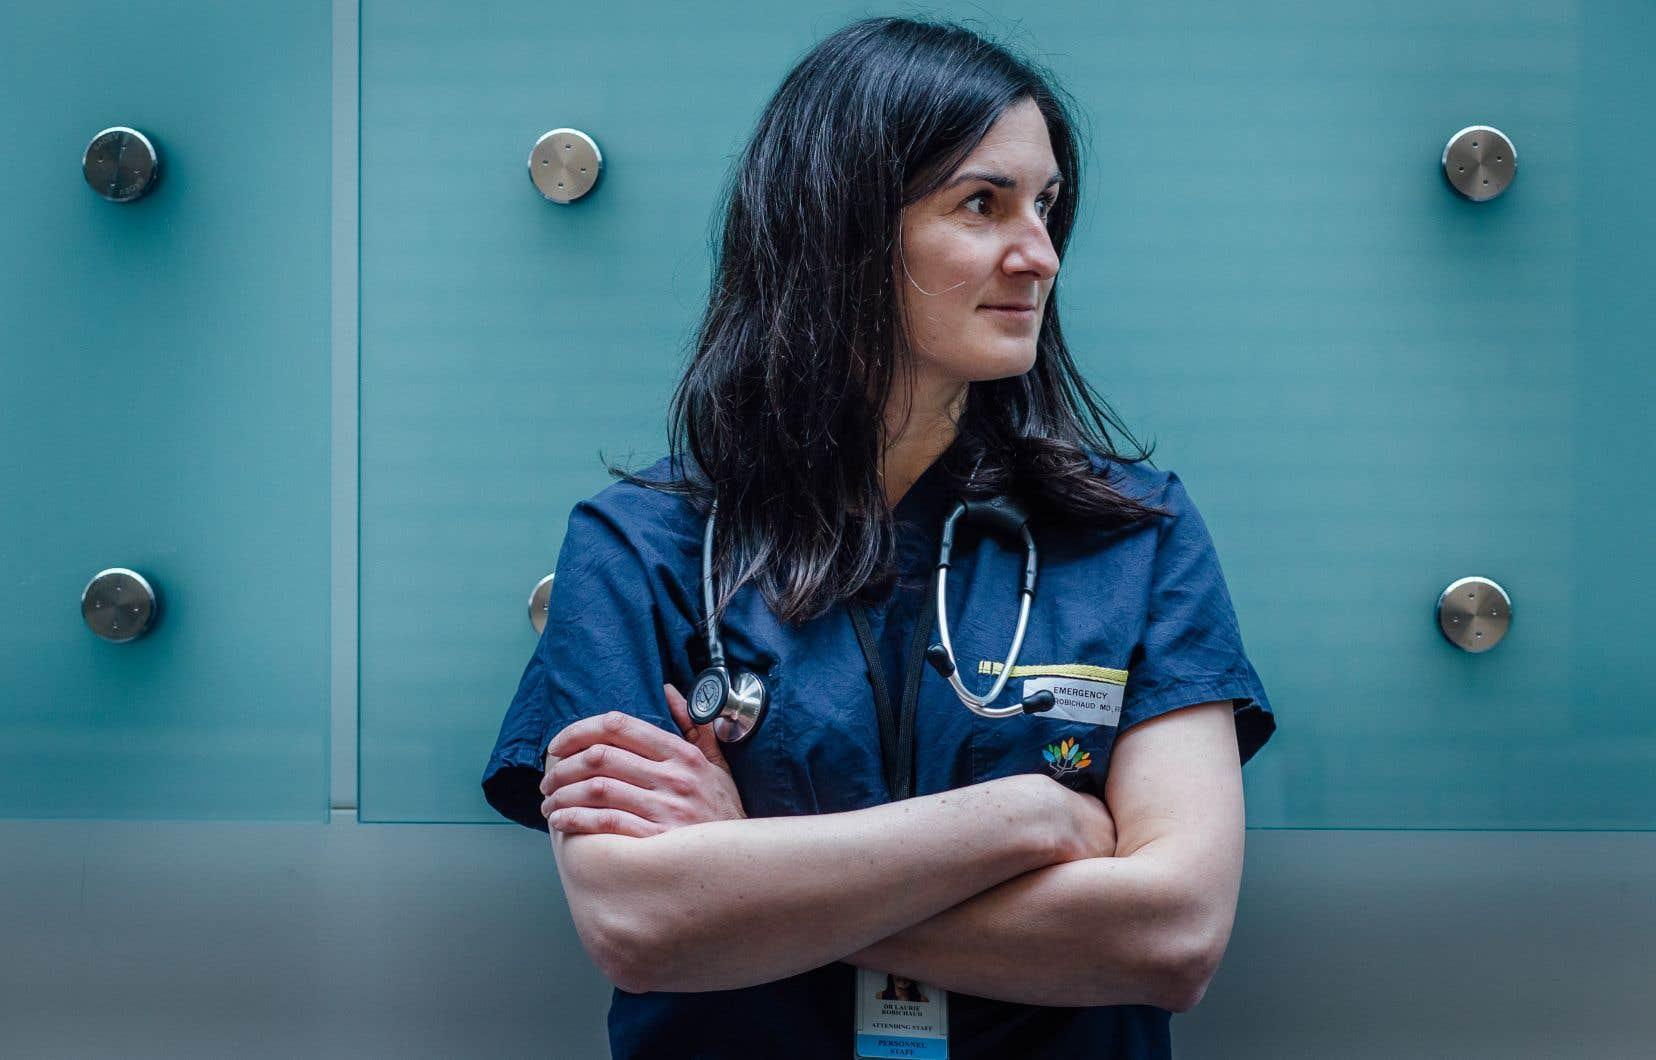 Laurie Robichaud, urgentologue à l'Hôpital général juif, à Montréal, traite des patients atteints de la COVID-19 depuis l'éclosion de la pandémie au Québec.